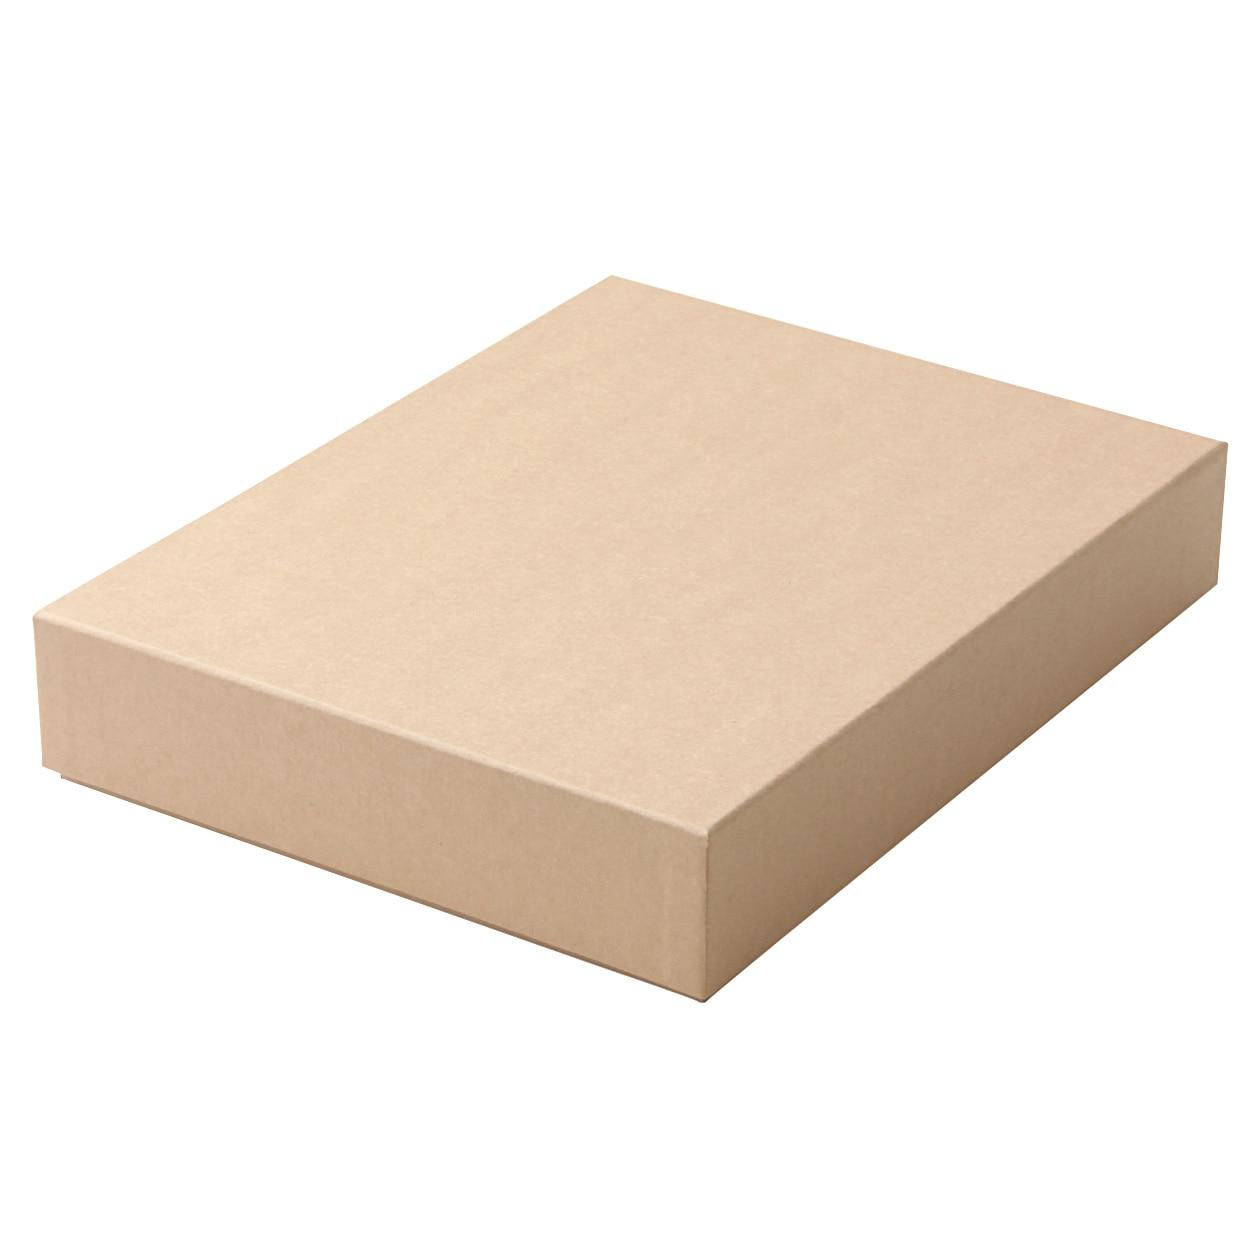 再生紙クラフトボックス